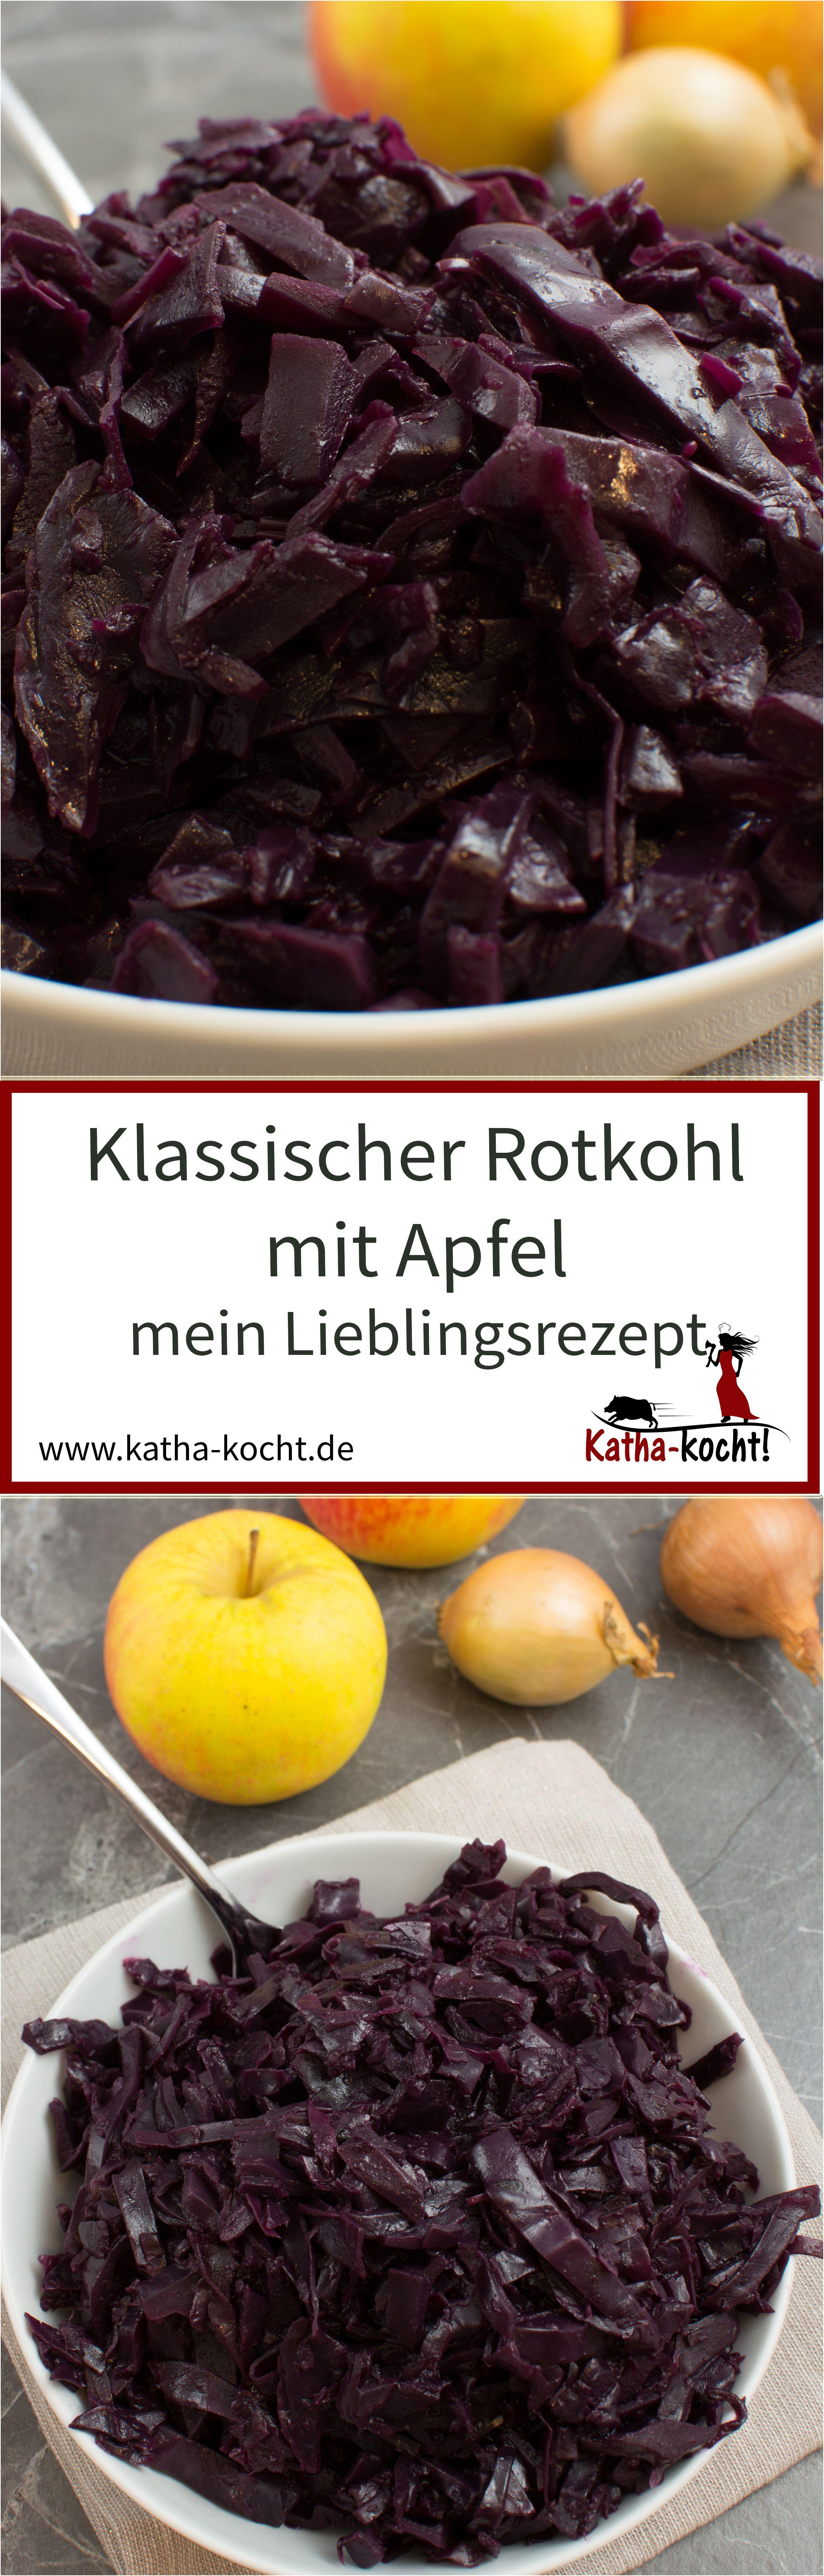 Klassischer Rotkohl - mein Lieblingsrezept | Rezepte | Pinterest ...